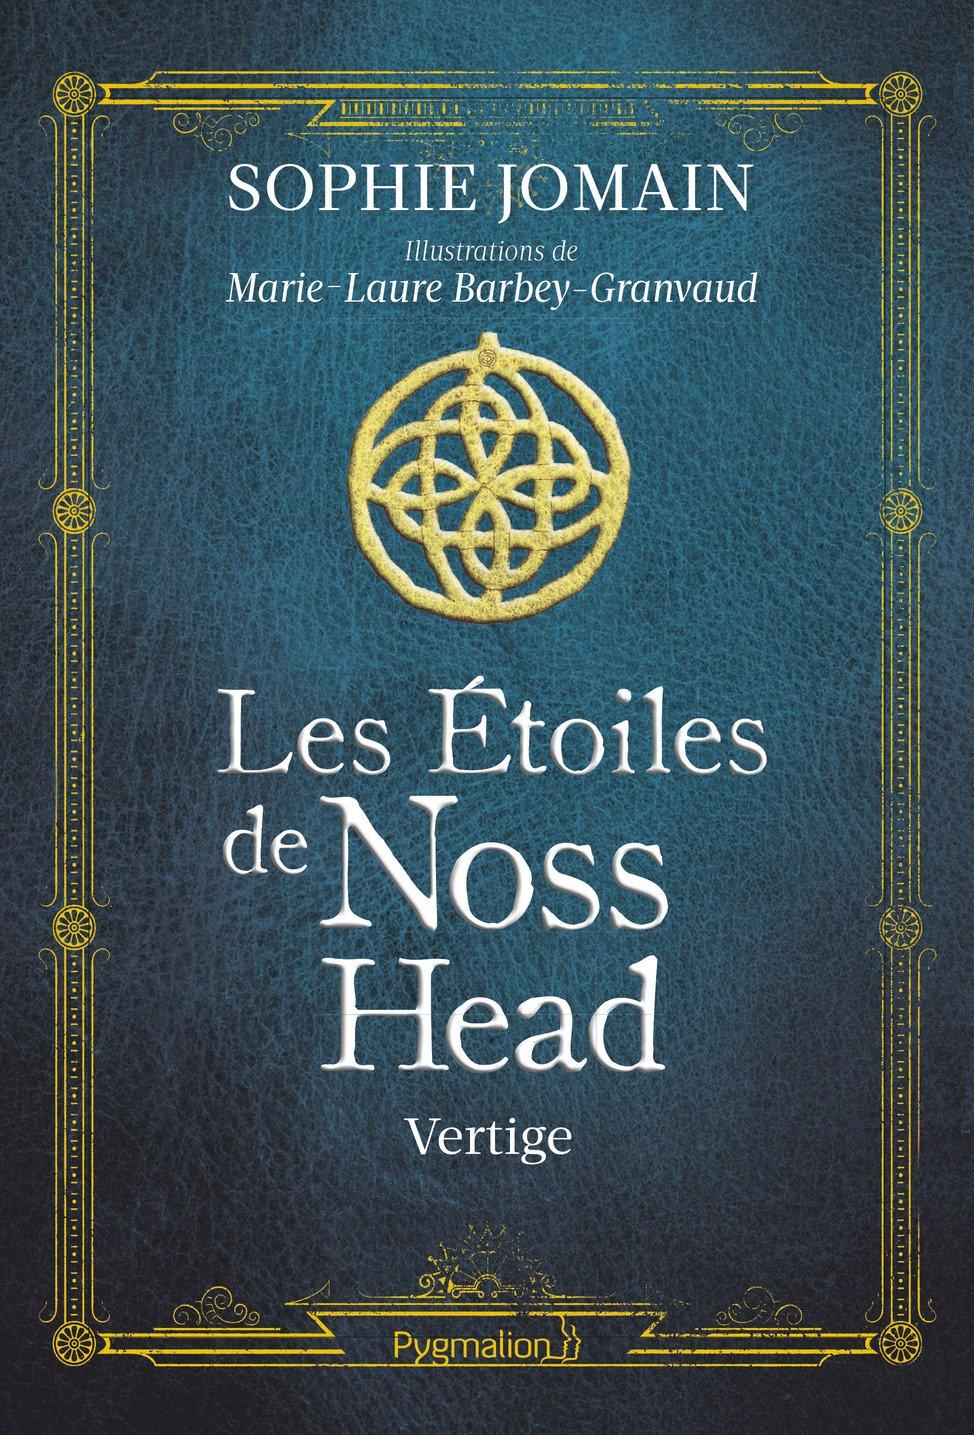 Les étoiles de Noss Head, Tome 1 : Vertige Relié – 26 octobre 2016 Marie-Laure Barbey-Granvaud Sophie Jomain Pygmalion 2756420875